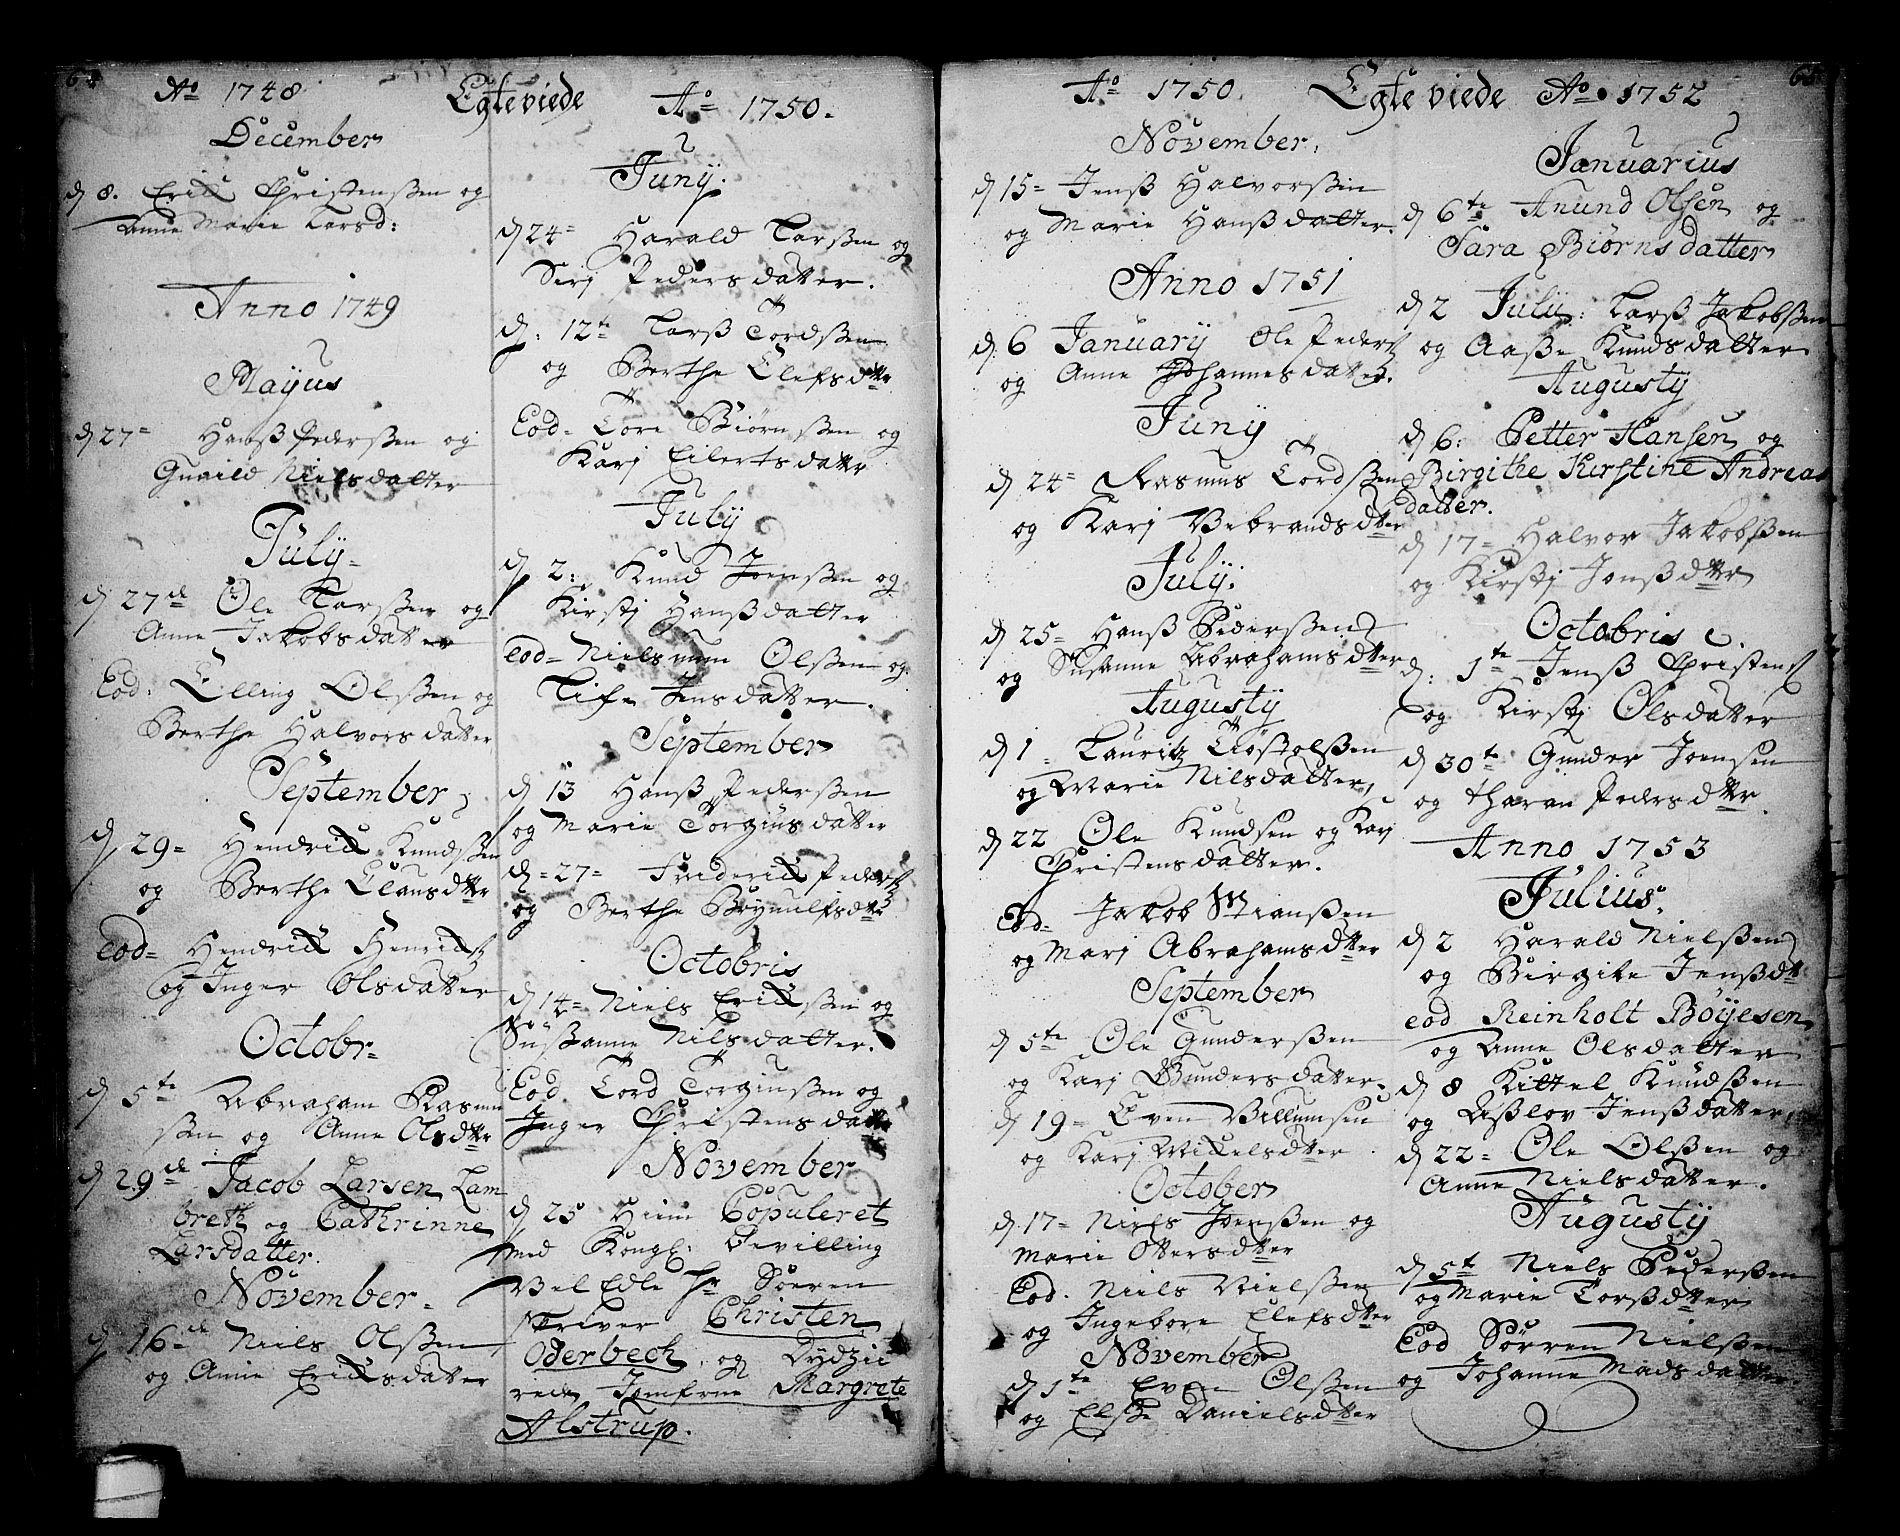 SAKO, Sannidal kirkebøker, F/Fa/L0001: Ministerialbok nr. 1, 1702-1766, s. 64-65